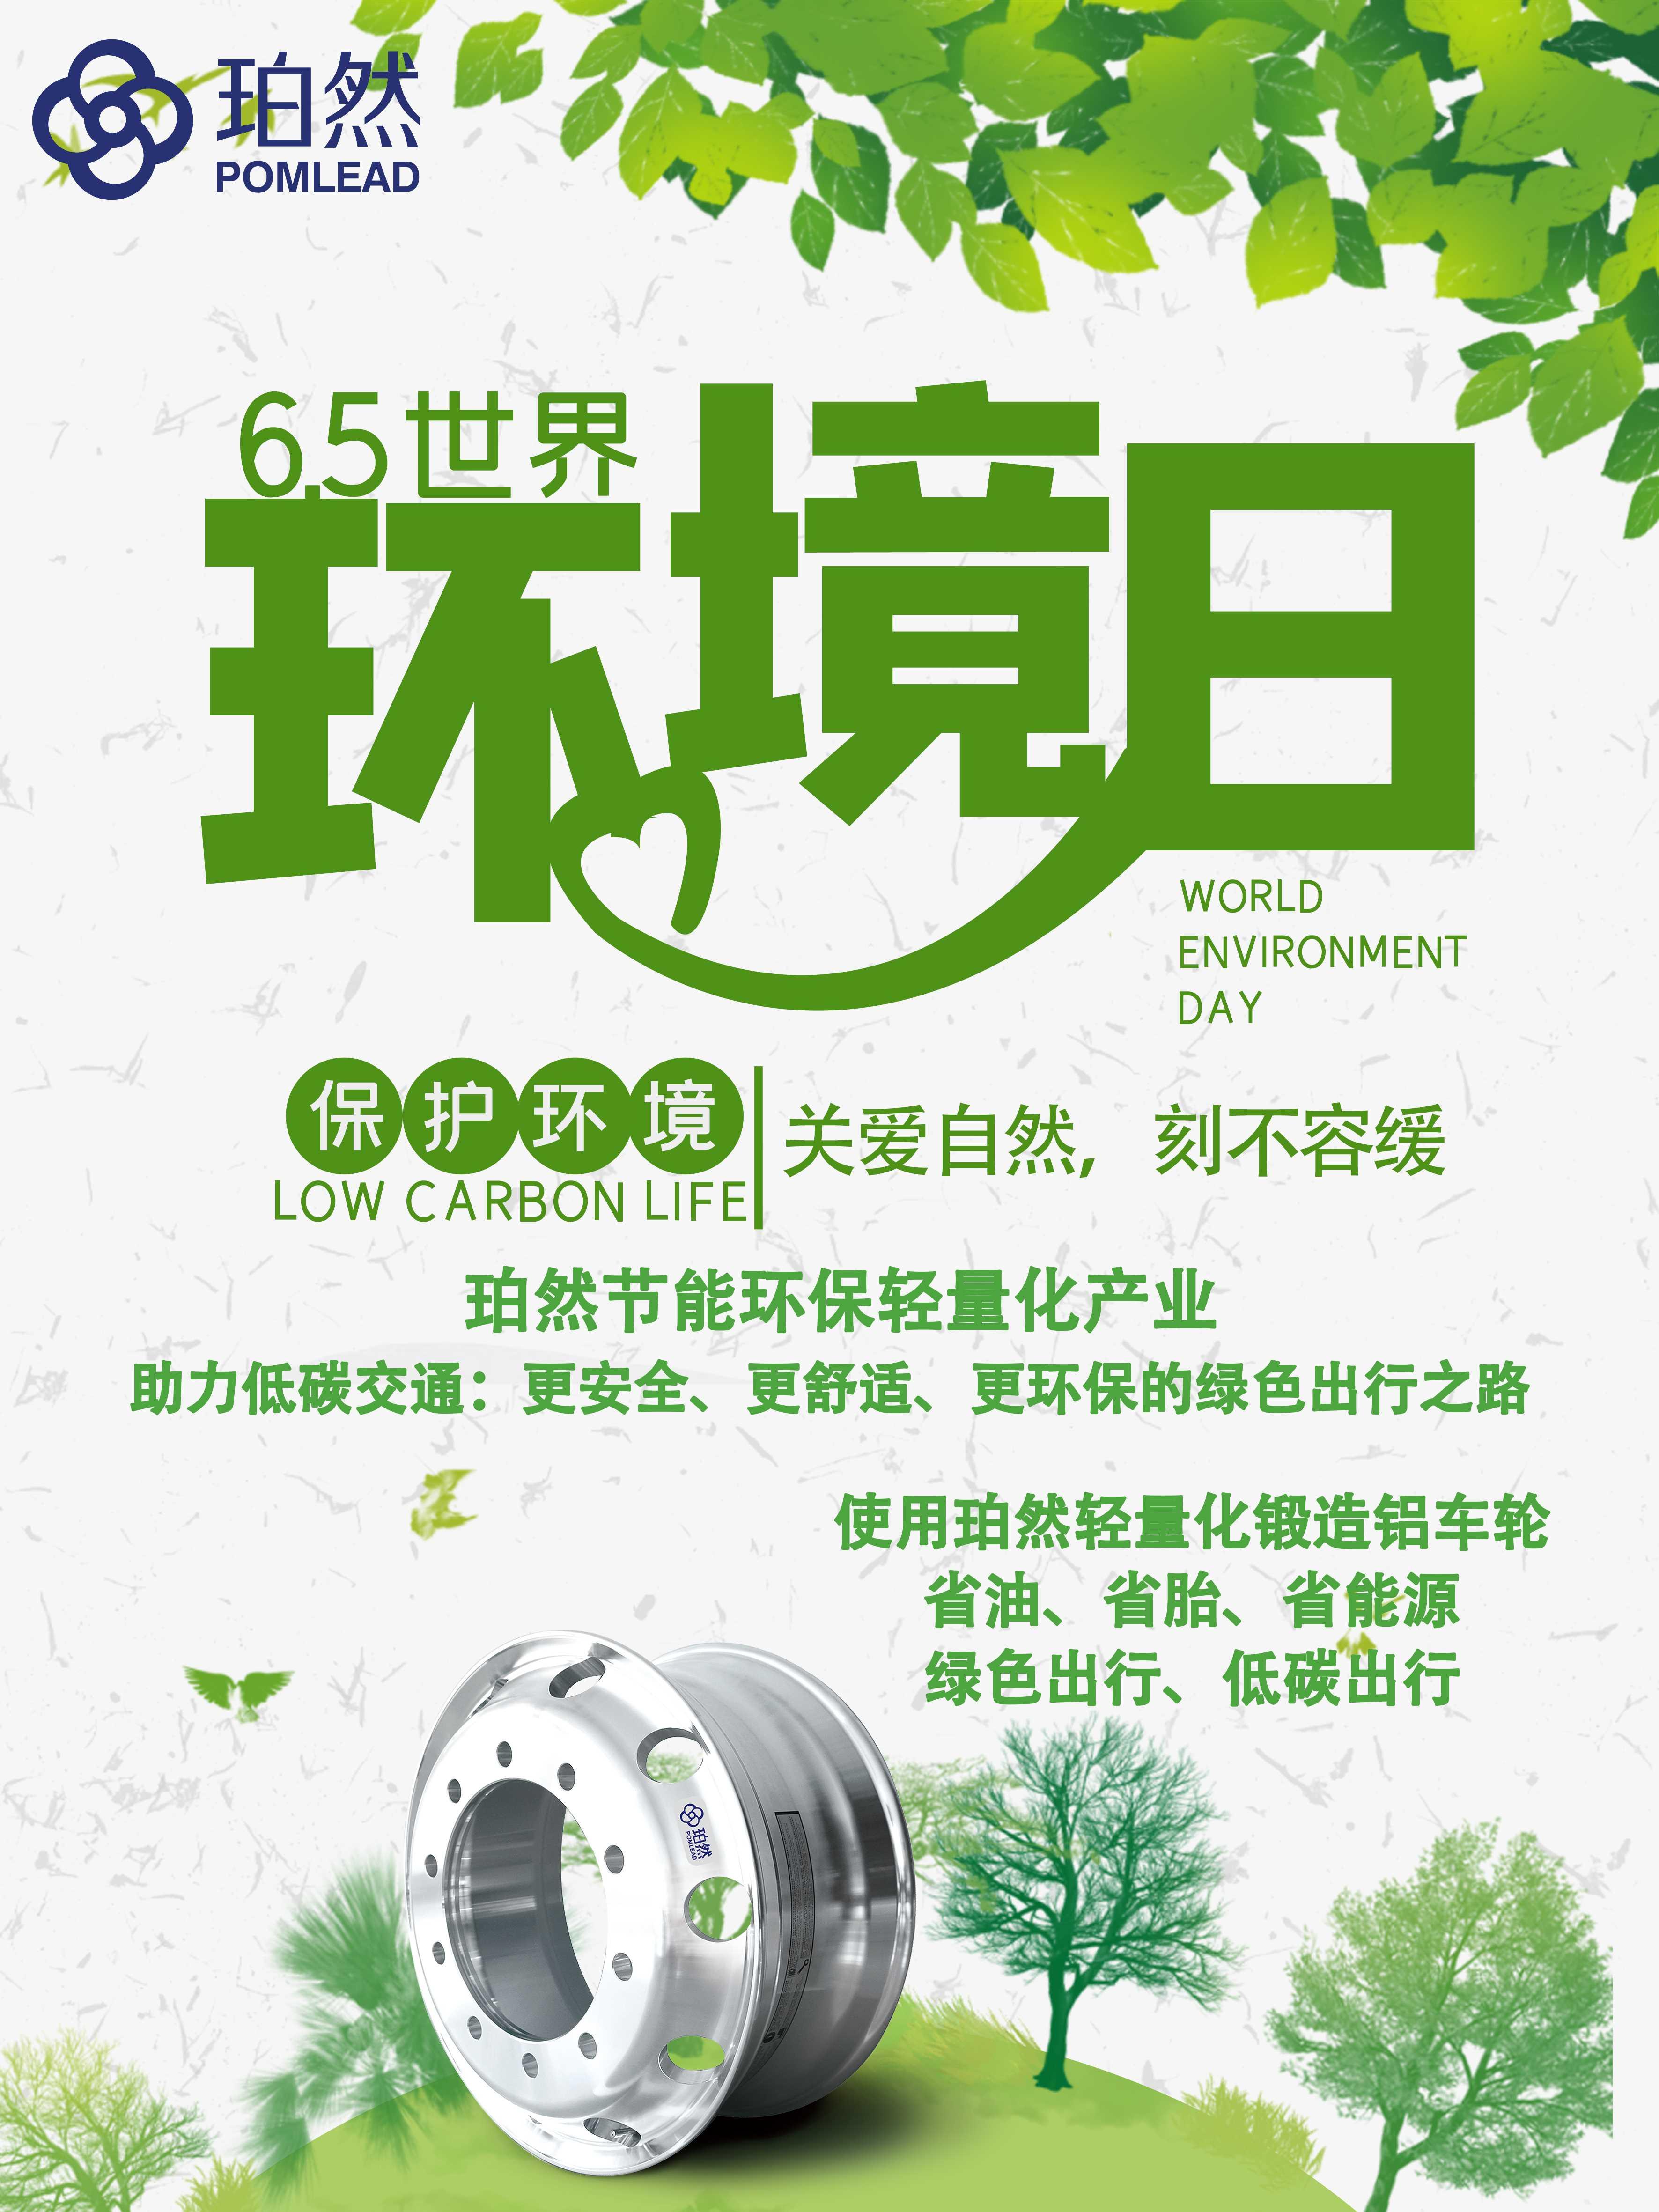 手繪綠色環保清新公益環境日海報